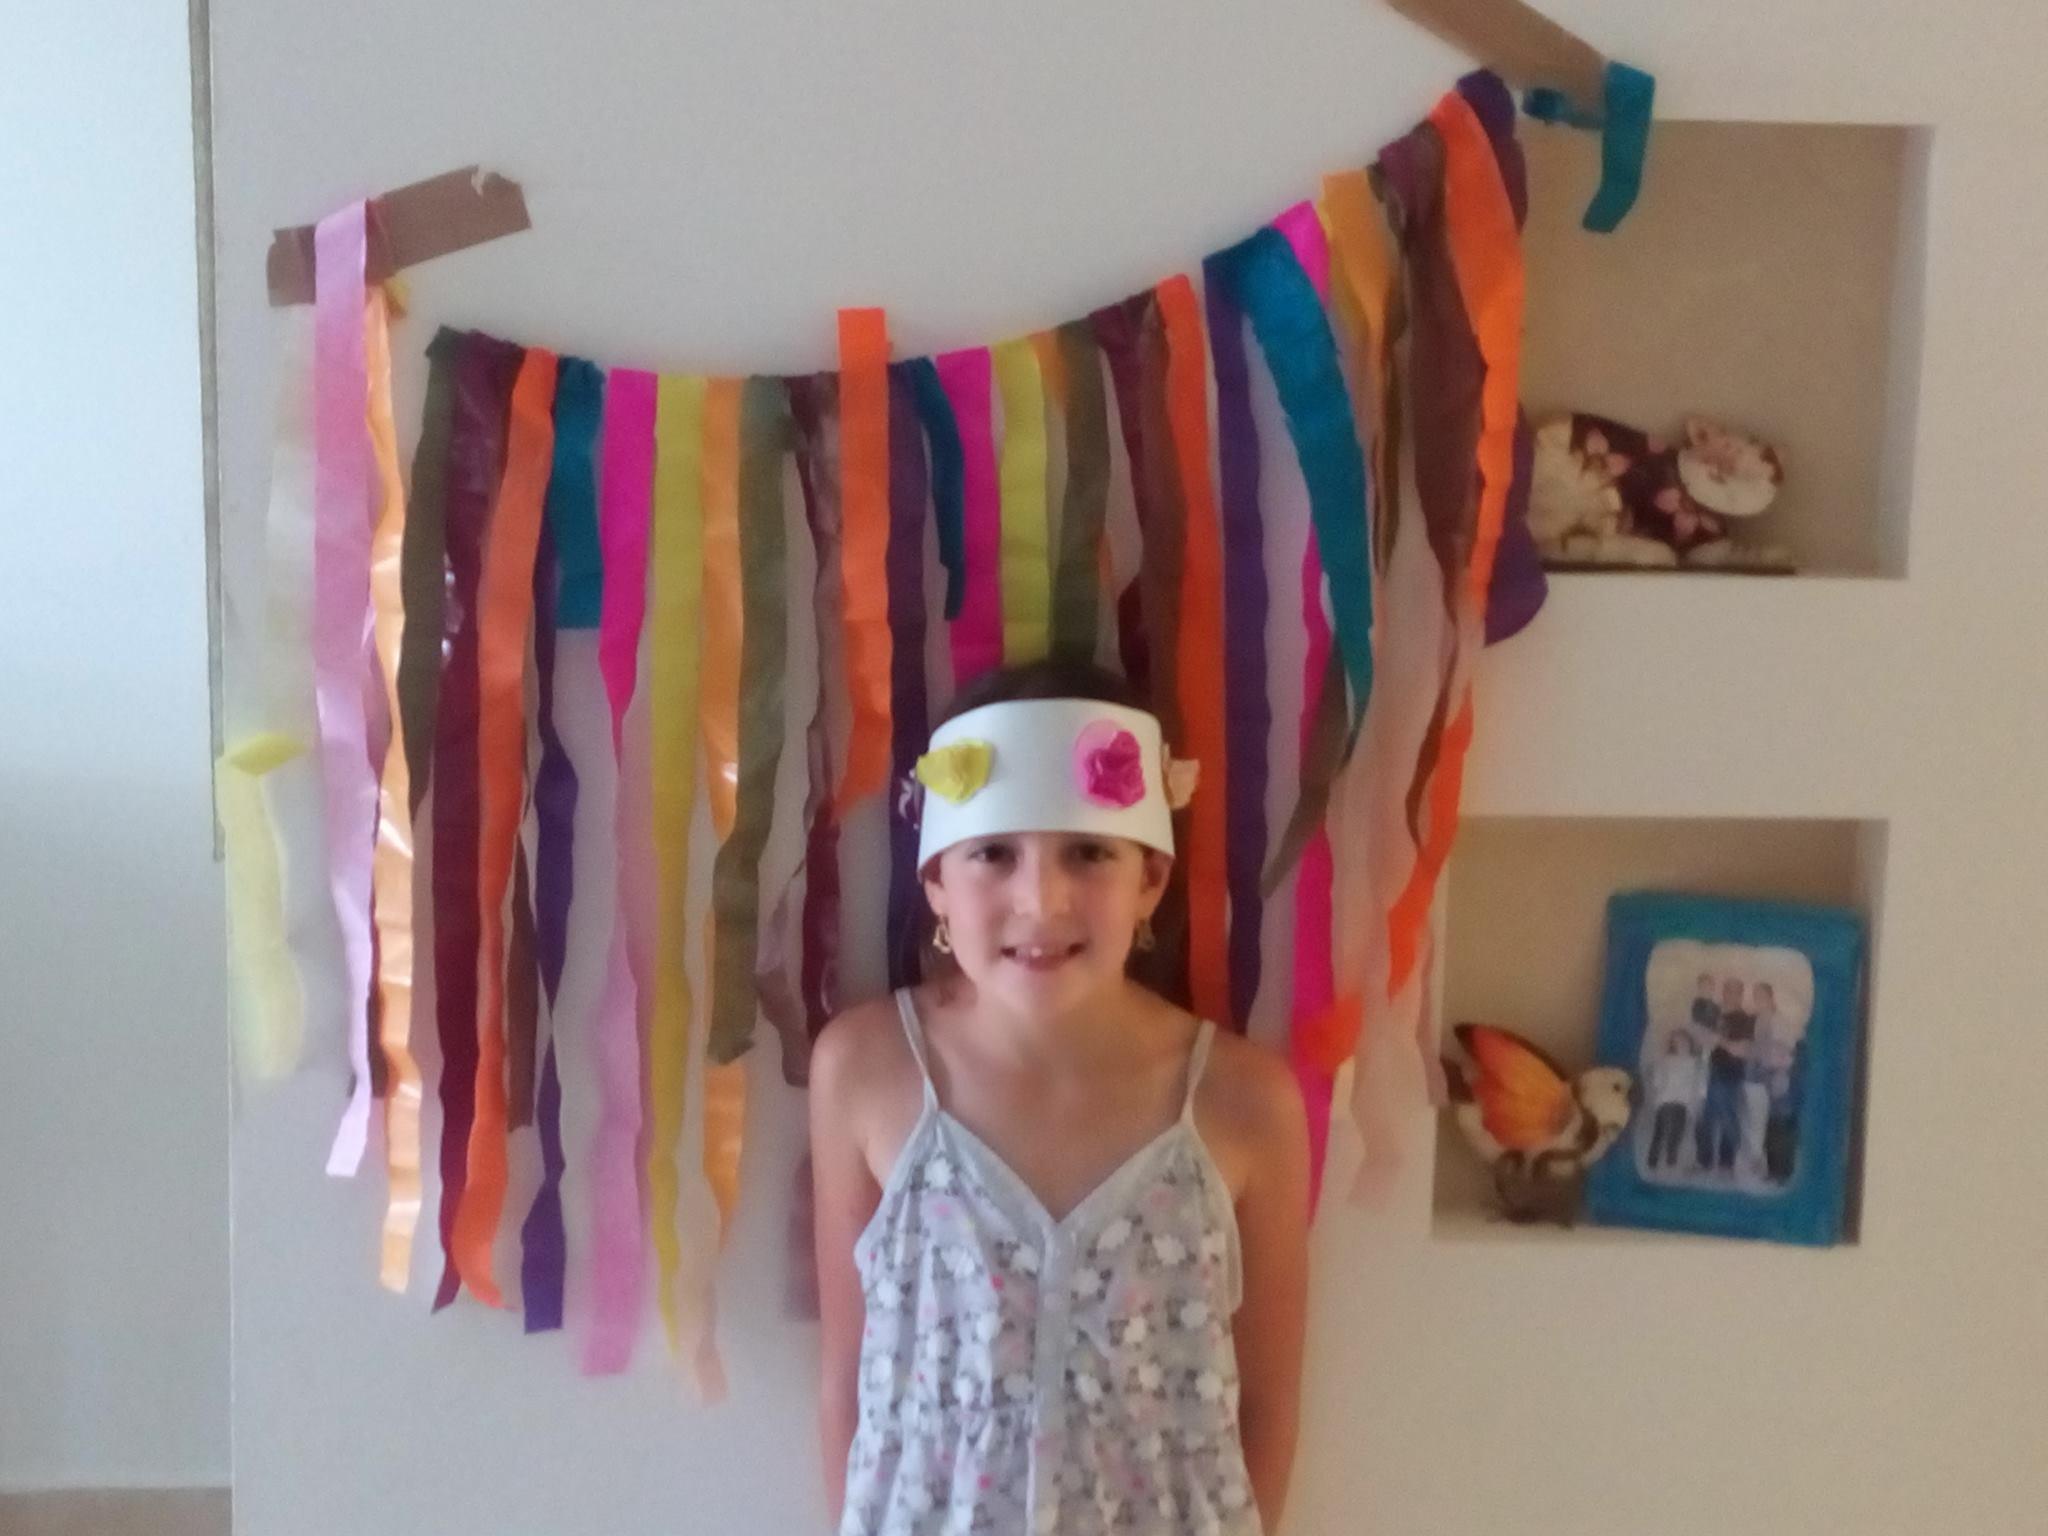 כתר יום הולדת פעילויות לילדים בבית קיטנת החופש הגדול